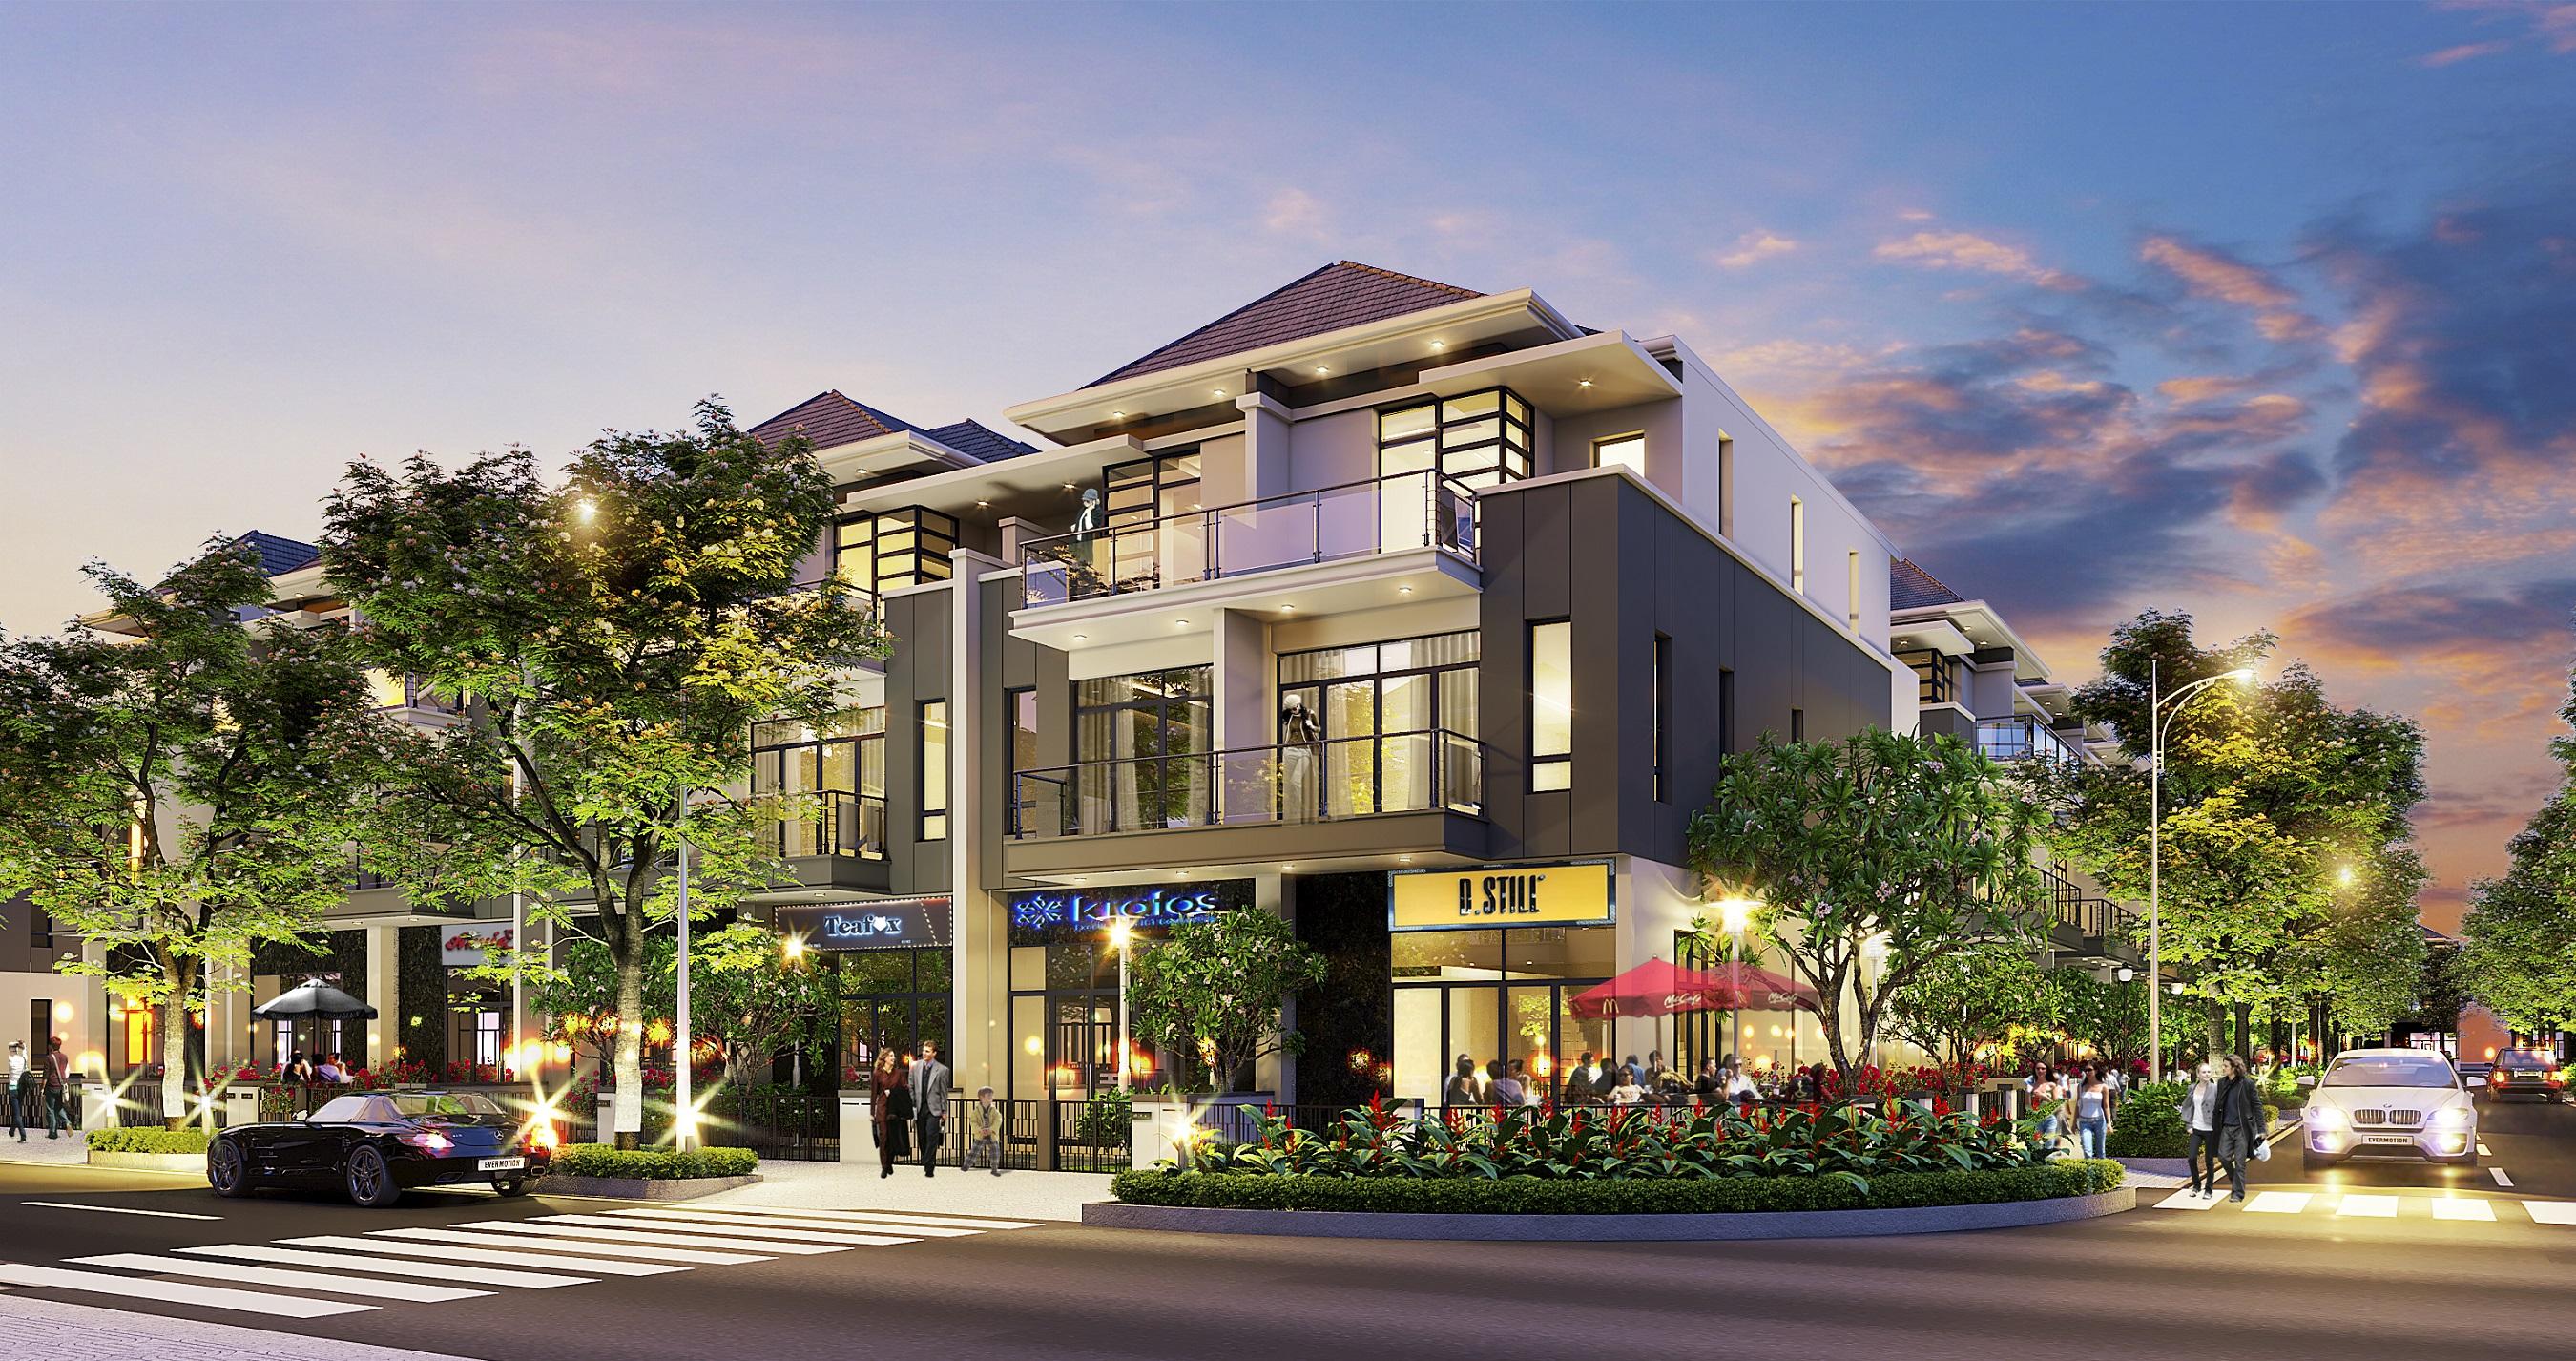 Topaz Town gồm 8 dãy nhà phố tự xây, được thiết kế theo phong cách hiện đại.